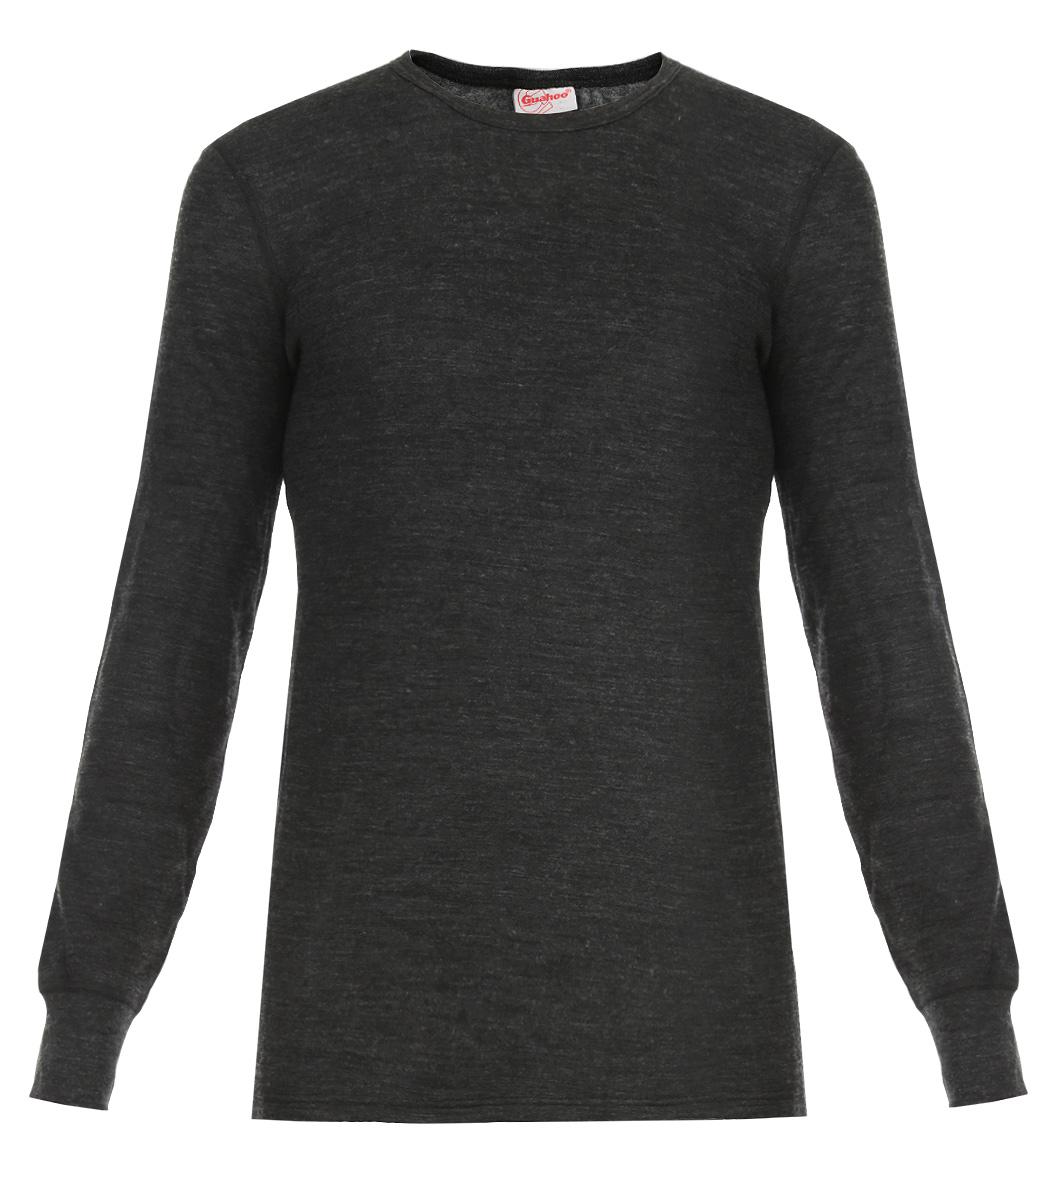 Термобелье кофта21-0460-SДвухслойная мужская футболка с длинным рукавом Guahoo Everyday подходит для повседневной носки в холодную погоду. Идеальное сочетание различных видов пряжи с добавлением натуральной шерсти во внешнем слое, а также специальное плетение обеспечивают эффективное сохранение тепла. Внутренний слой полотна - из мягкой акриловой пряжи, которая по своим теплосберегающим свойствам не уступает шерсти. Начес на внутренней стороне полотна лучше сохраняет тепло за счет дополнительной воздушной прослойки. Футболка с длинными рукавами и круглым вырезом горловины оформлена небольшой нашивкой с названием бренда. Рукава дополнены широкими трикотажными манжетами. Рекомендуемый температурный режим от -20°С до -40°С.